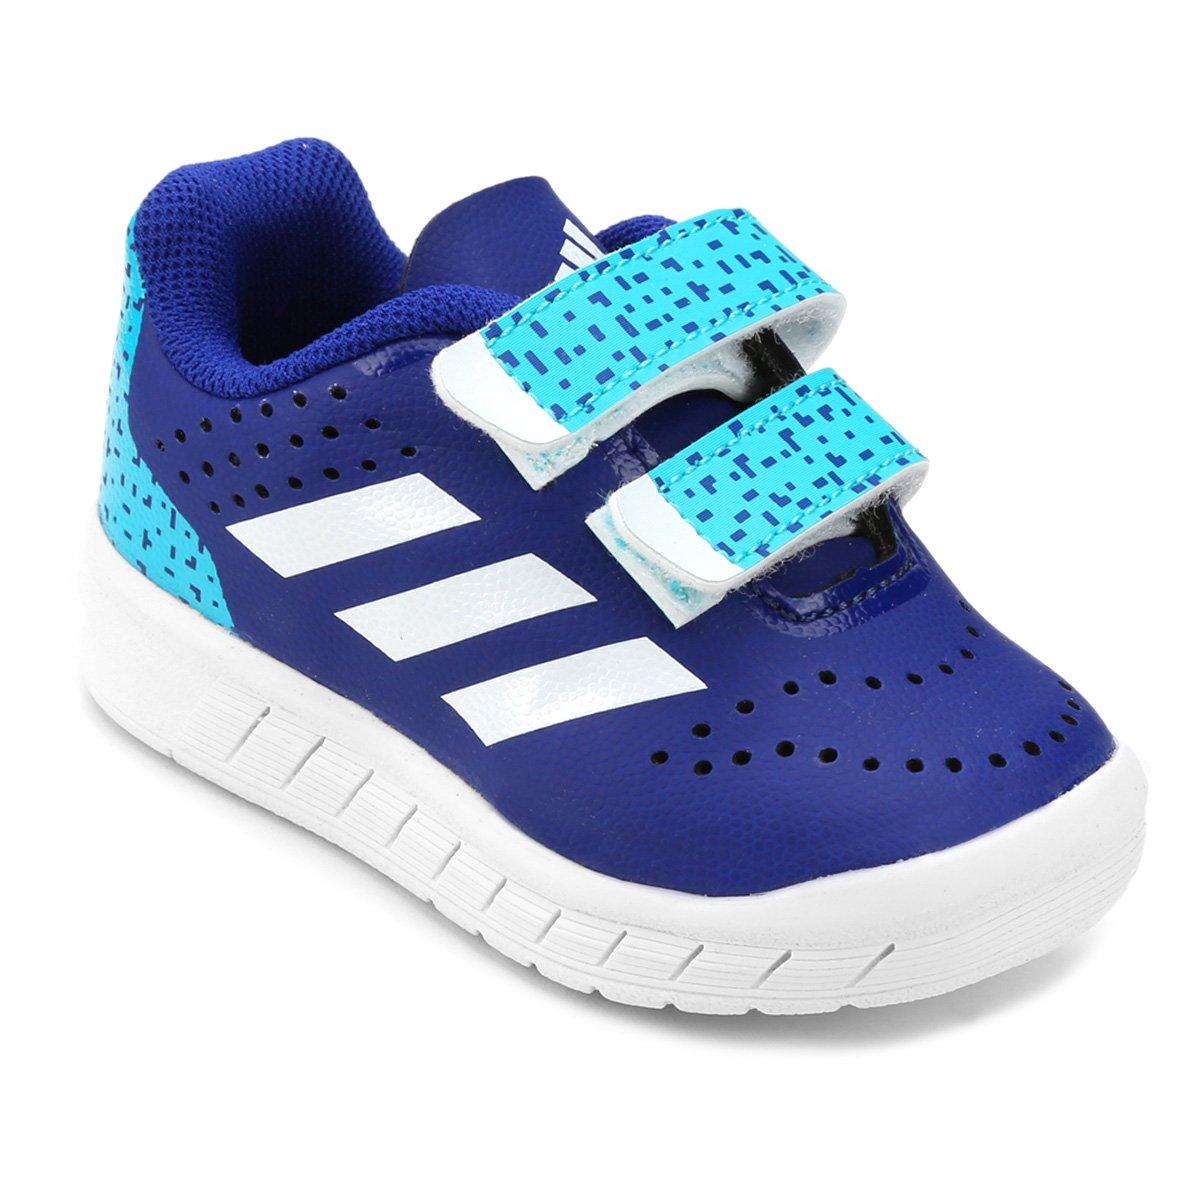 2af3ddbfe1 Tênis Infantil Adidas Quicksport Cf - Azul - Compre Agora